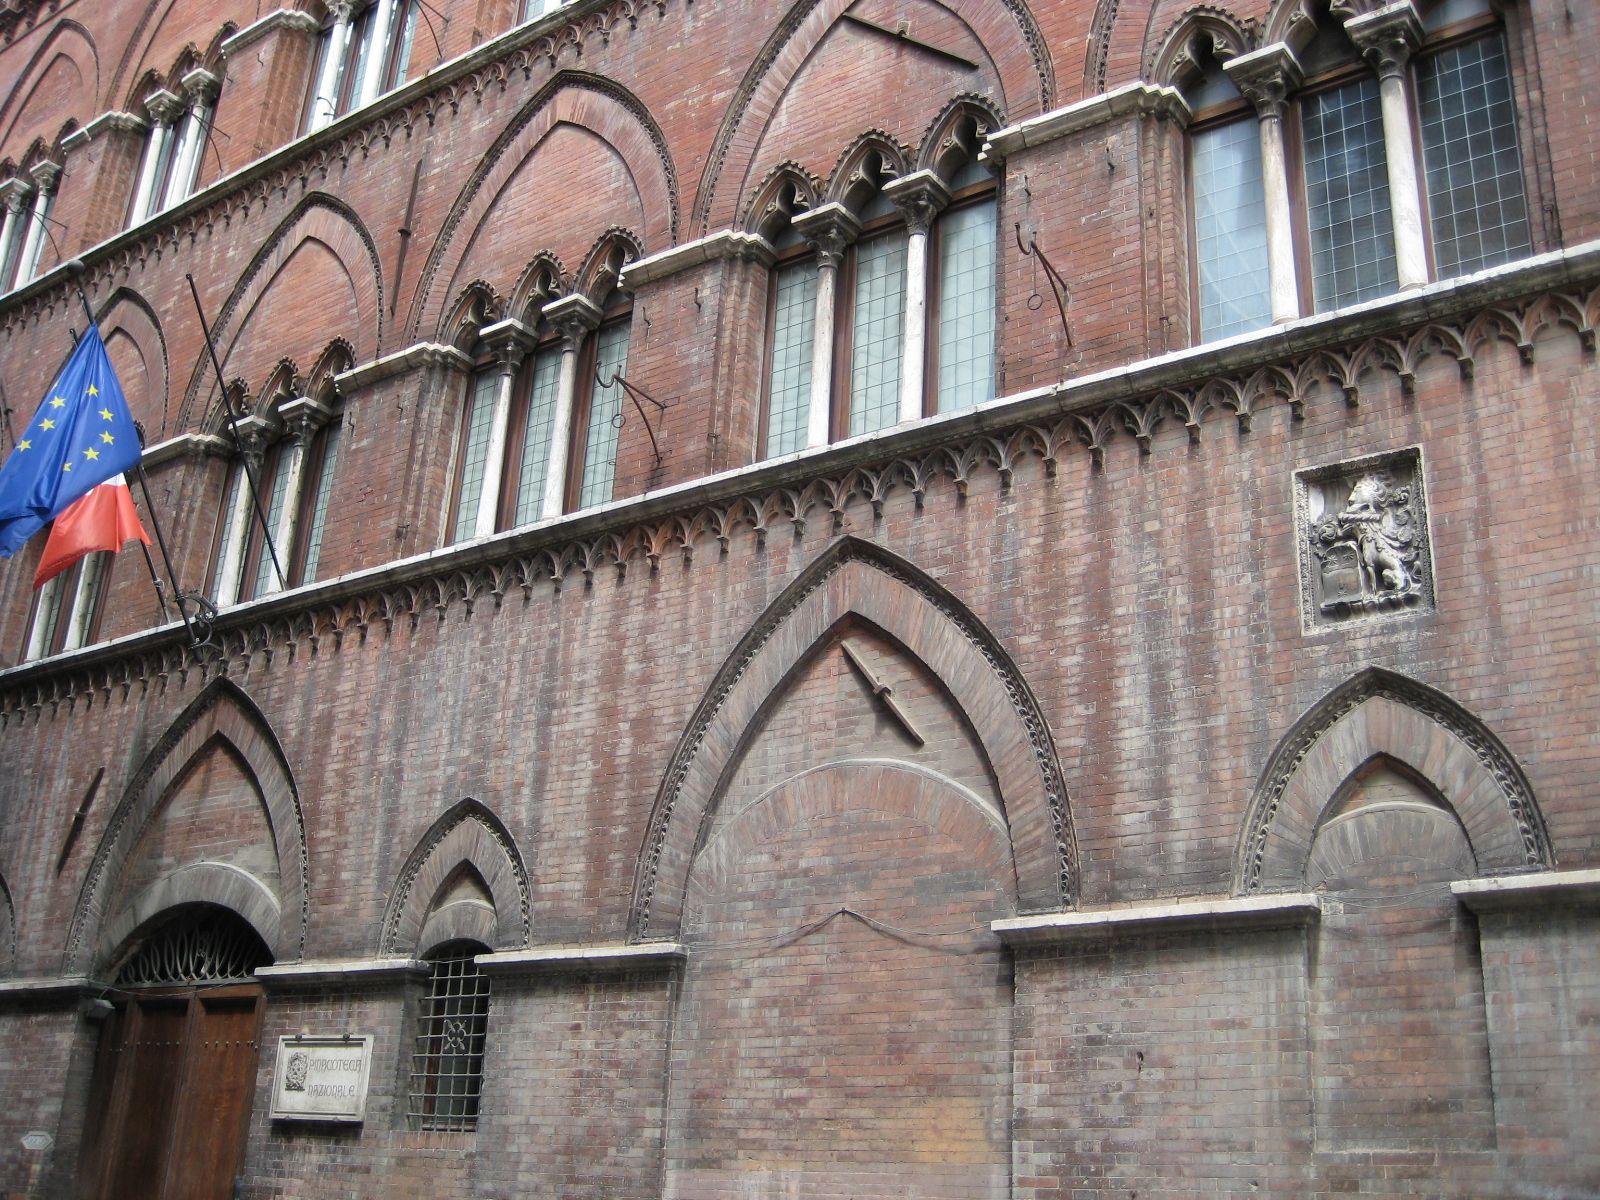 Ipotesi chiusura della Pinacoteca: Sinistra per Siena interviene